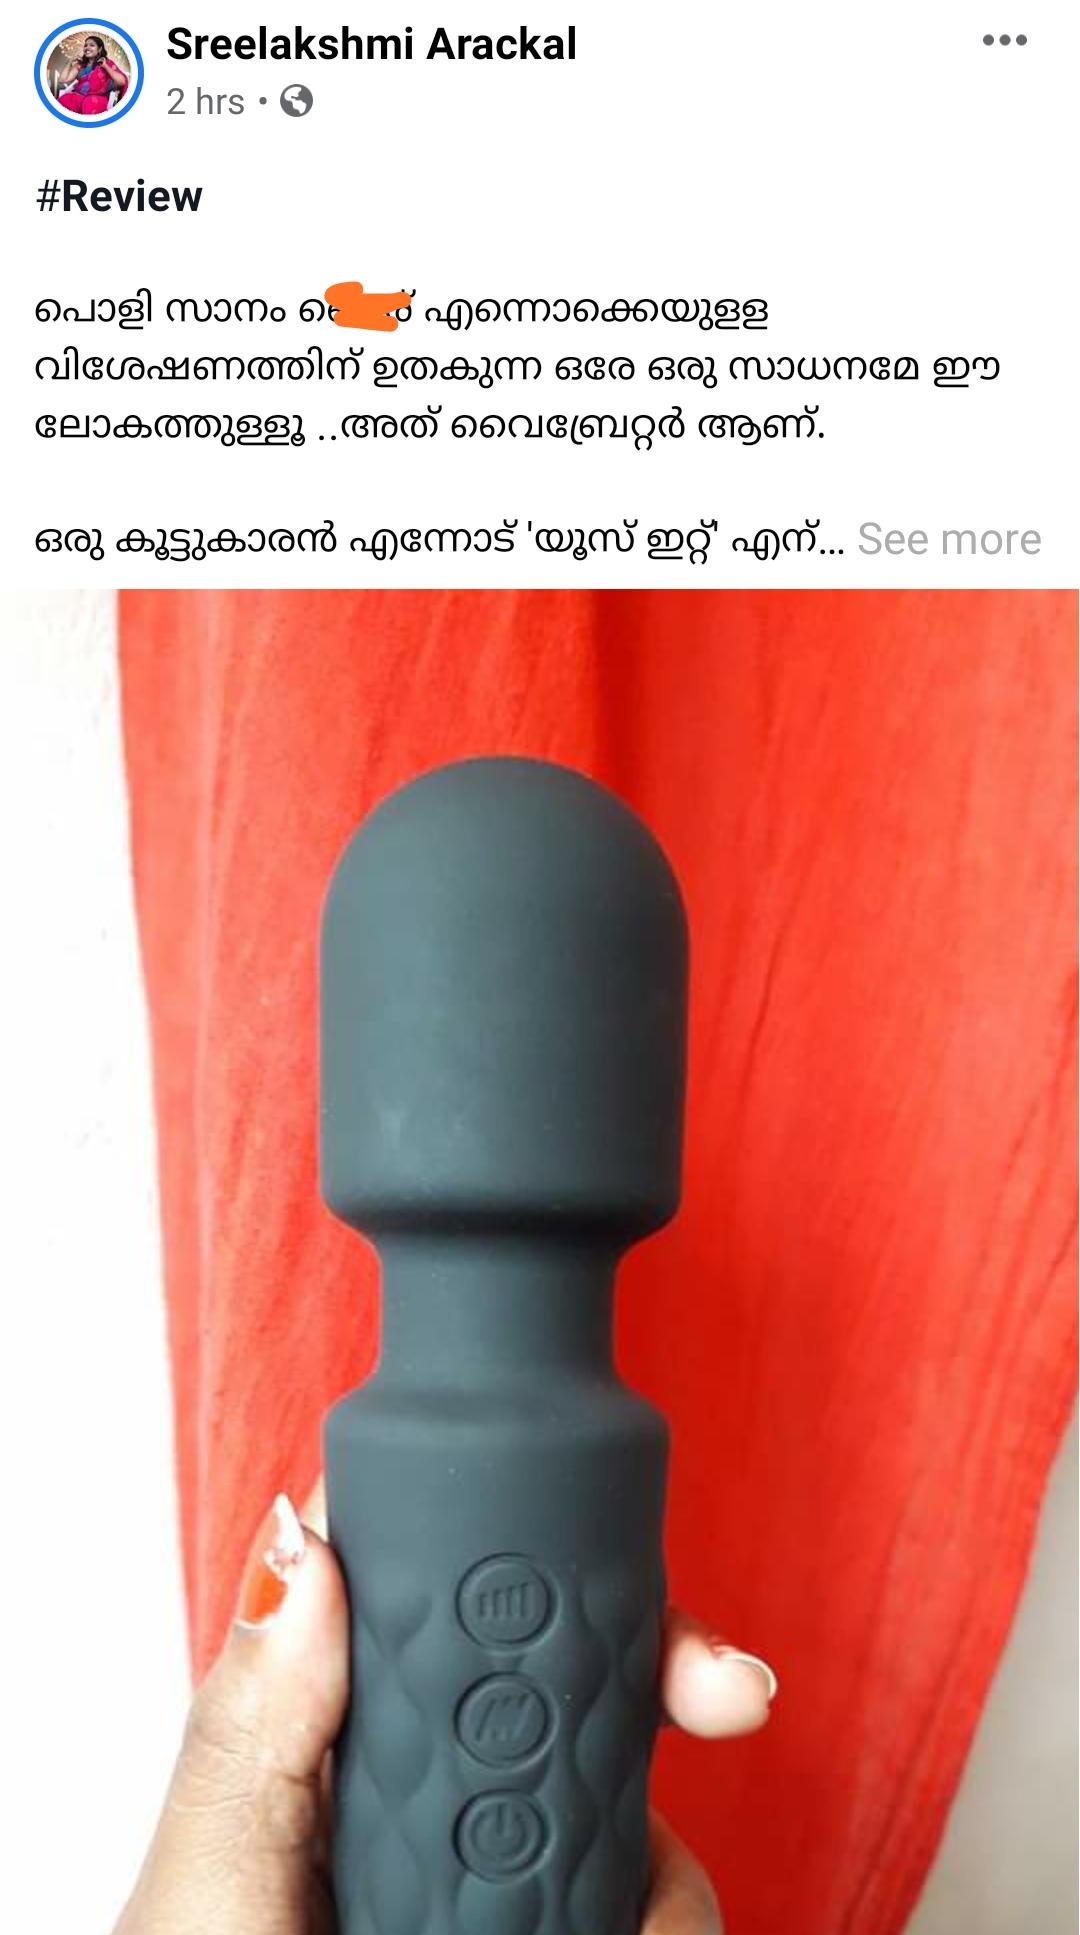 sreelakshmi, facebook post